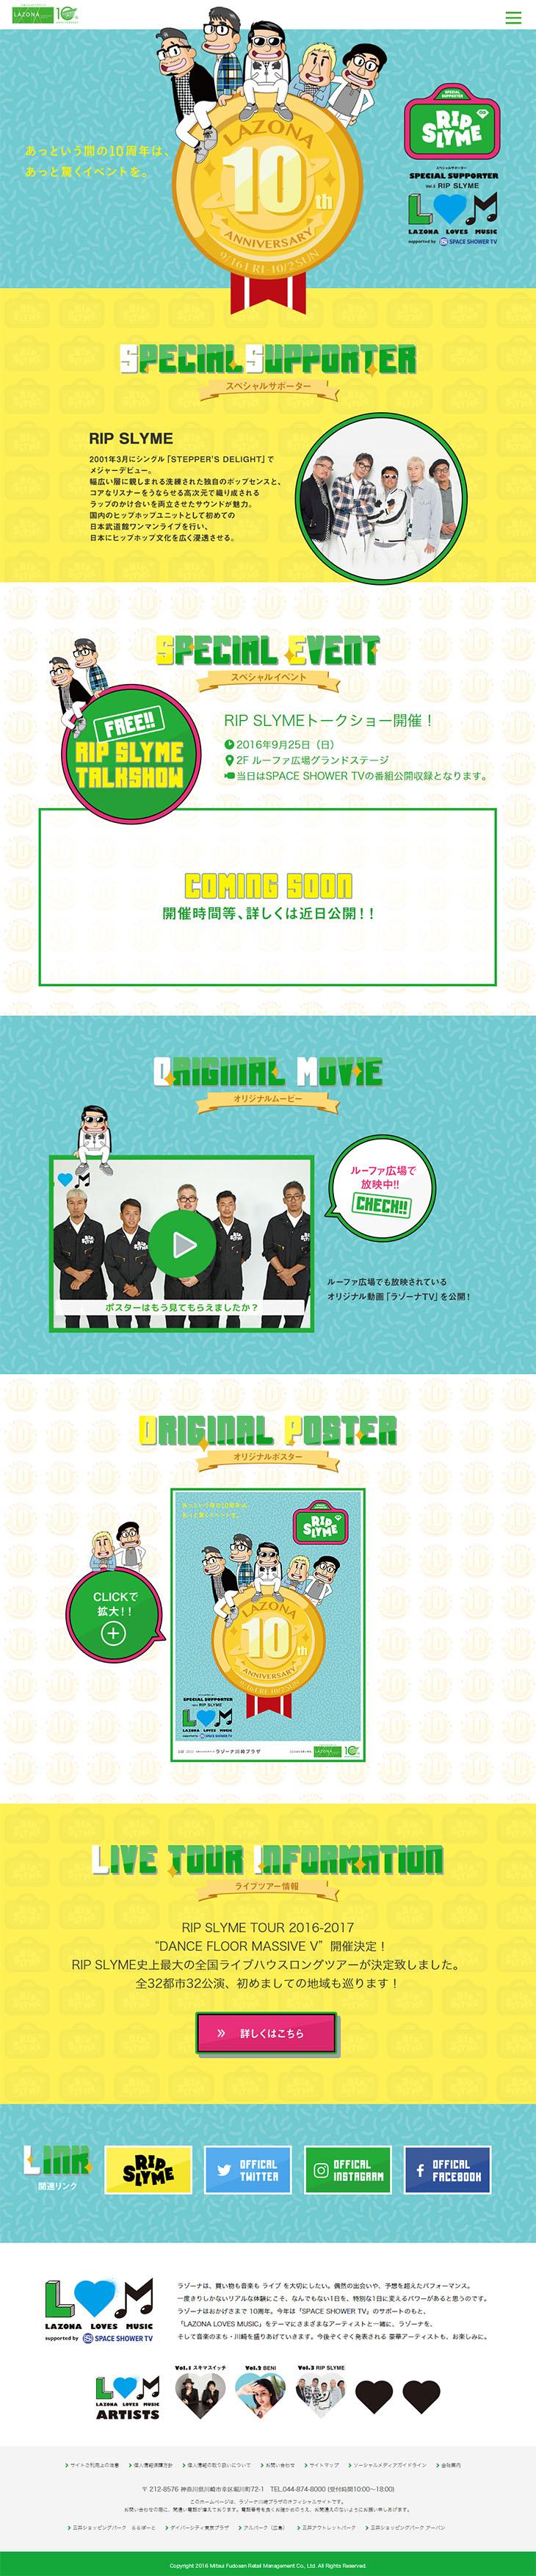 ラゾーナ川崎10周年特設サイト アーティストコラボvol 3 ページデザイン デザイン ランディングページ デザイン